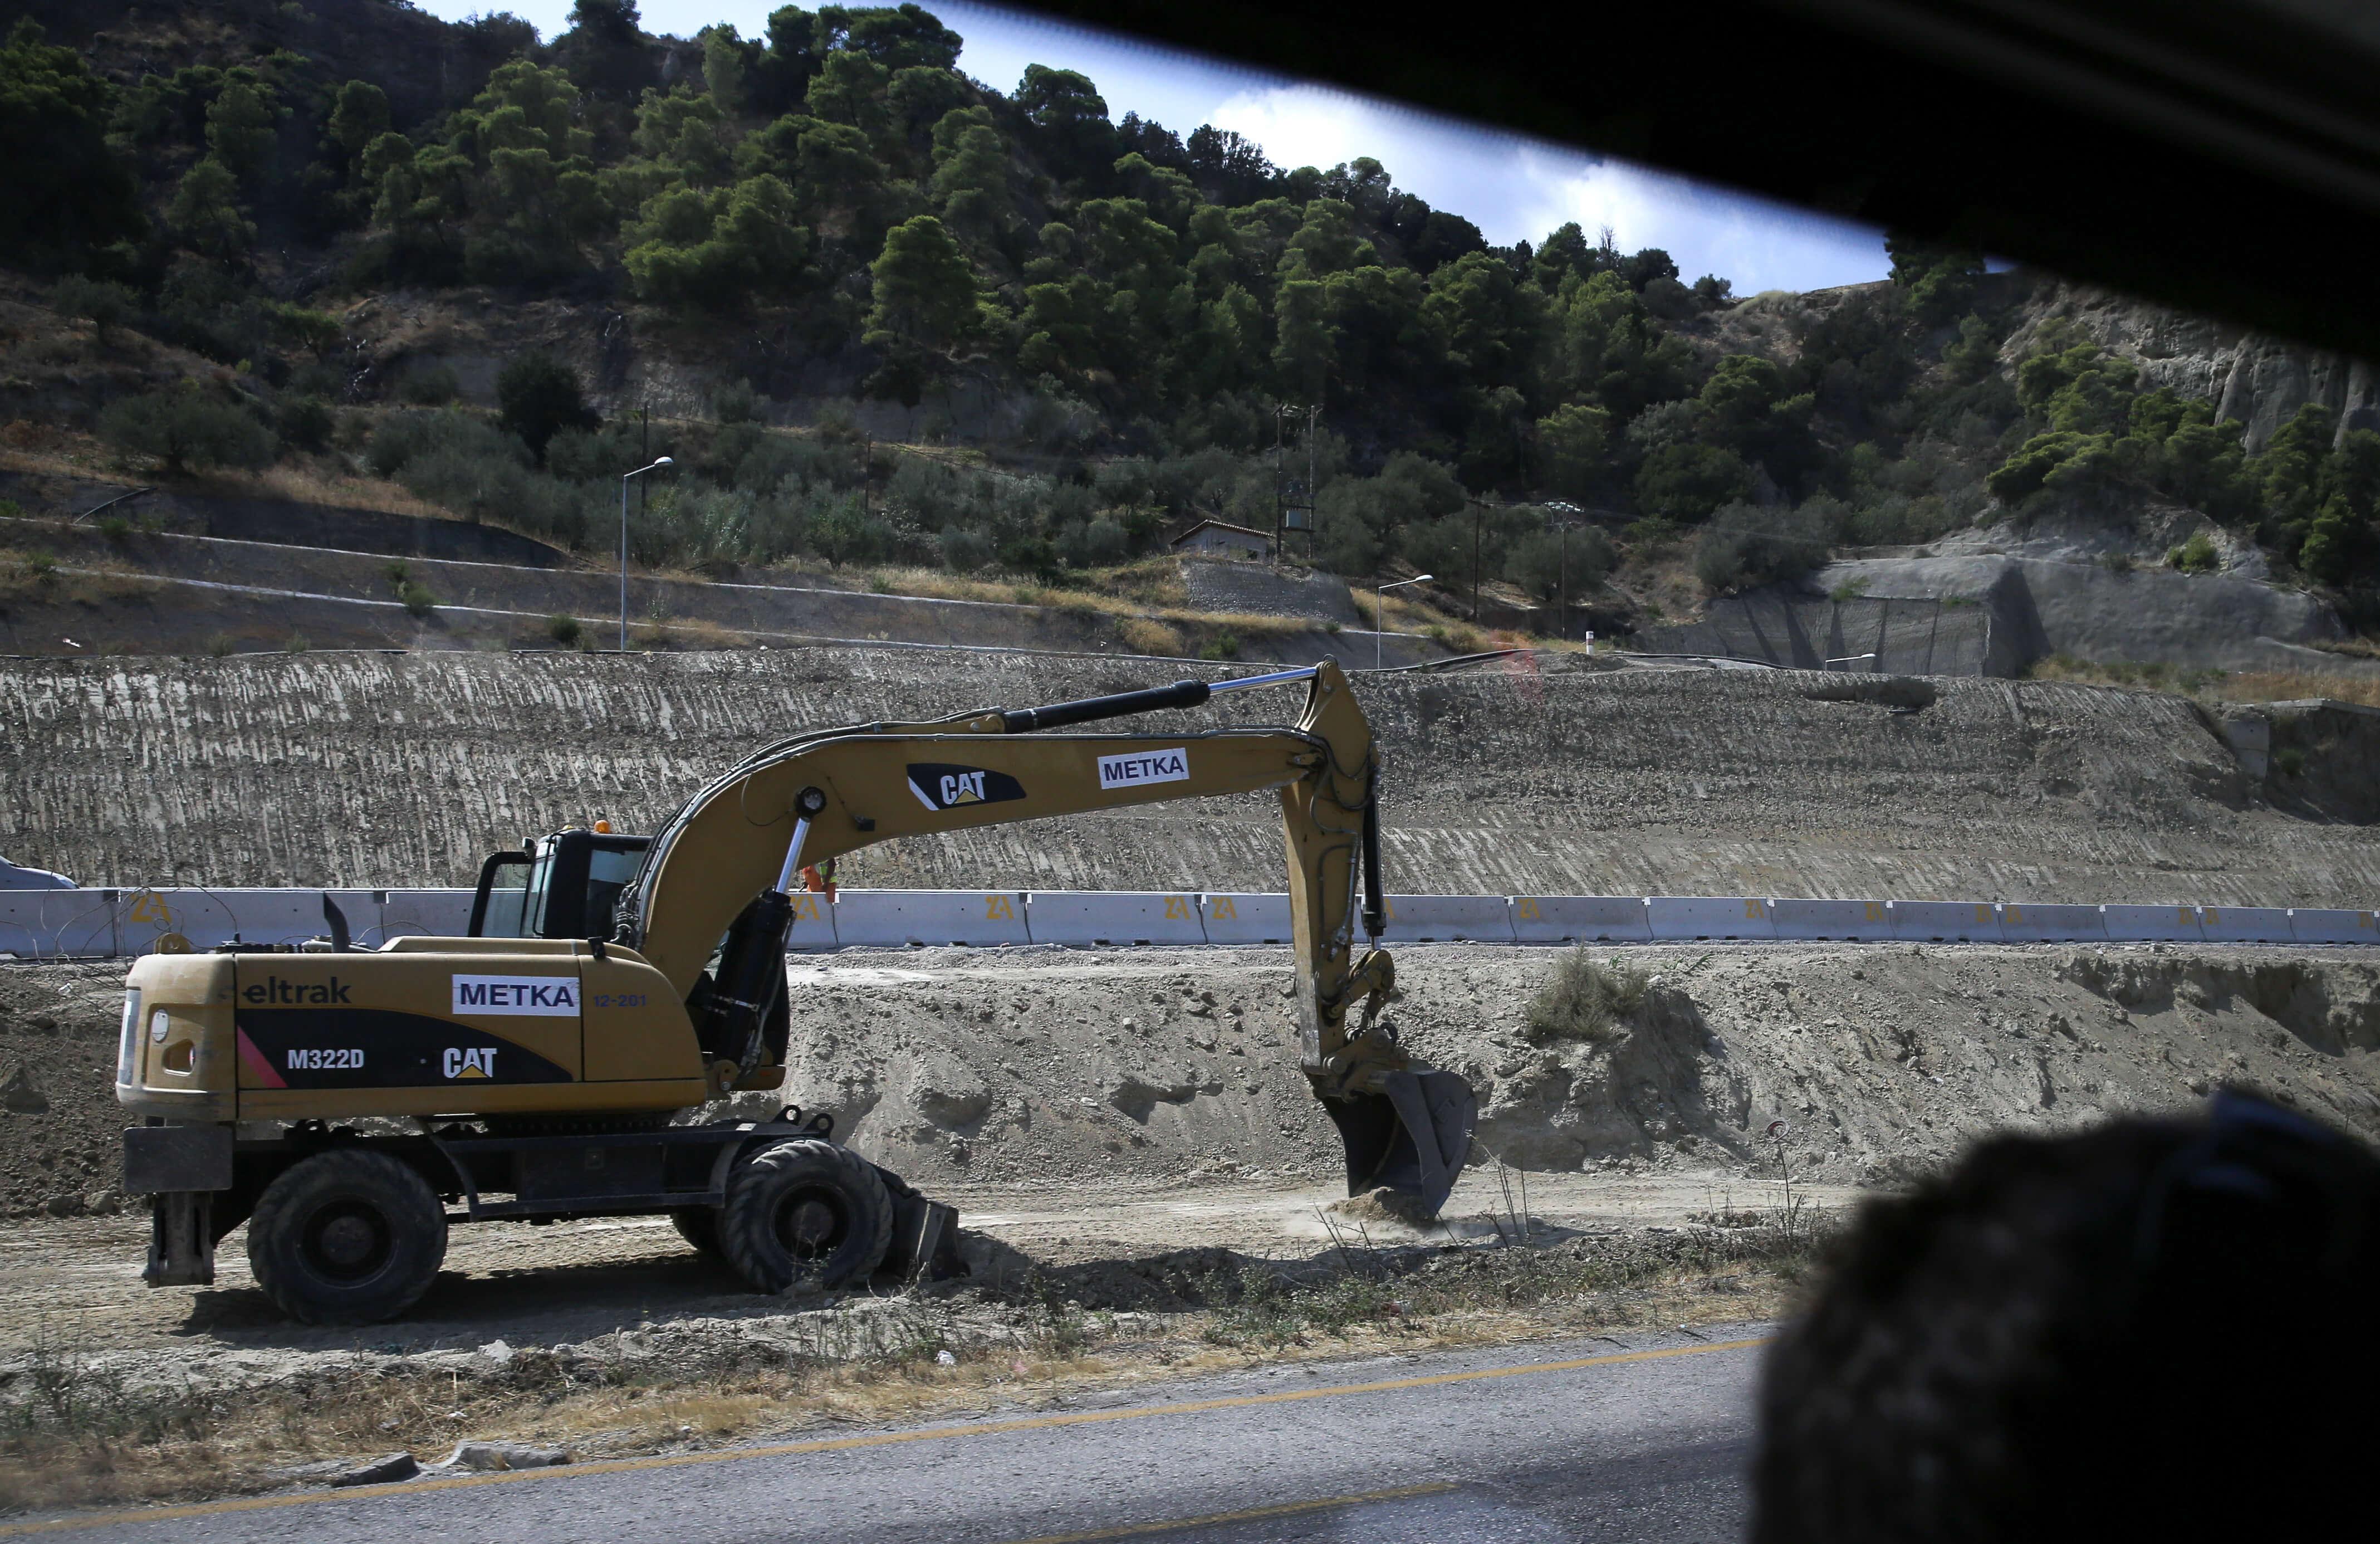 """""""Καταπέλτης"""" η PwC για την Ελλάδα – """"Στα 25 δισ. ευρώ τα ανεκτέλεστα έργα"""""""